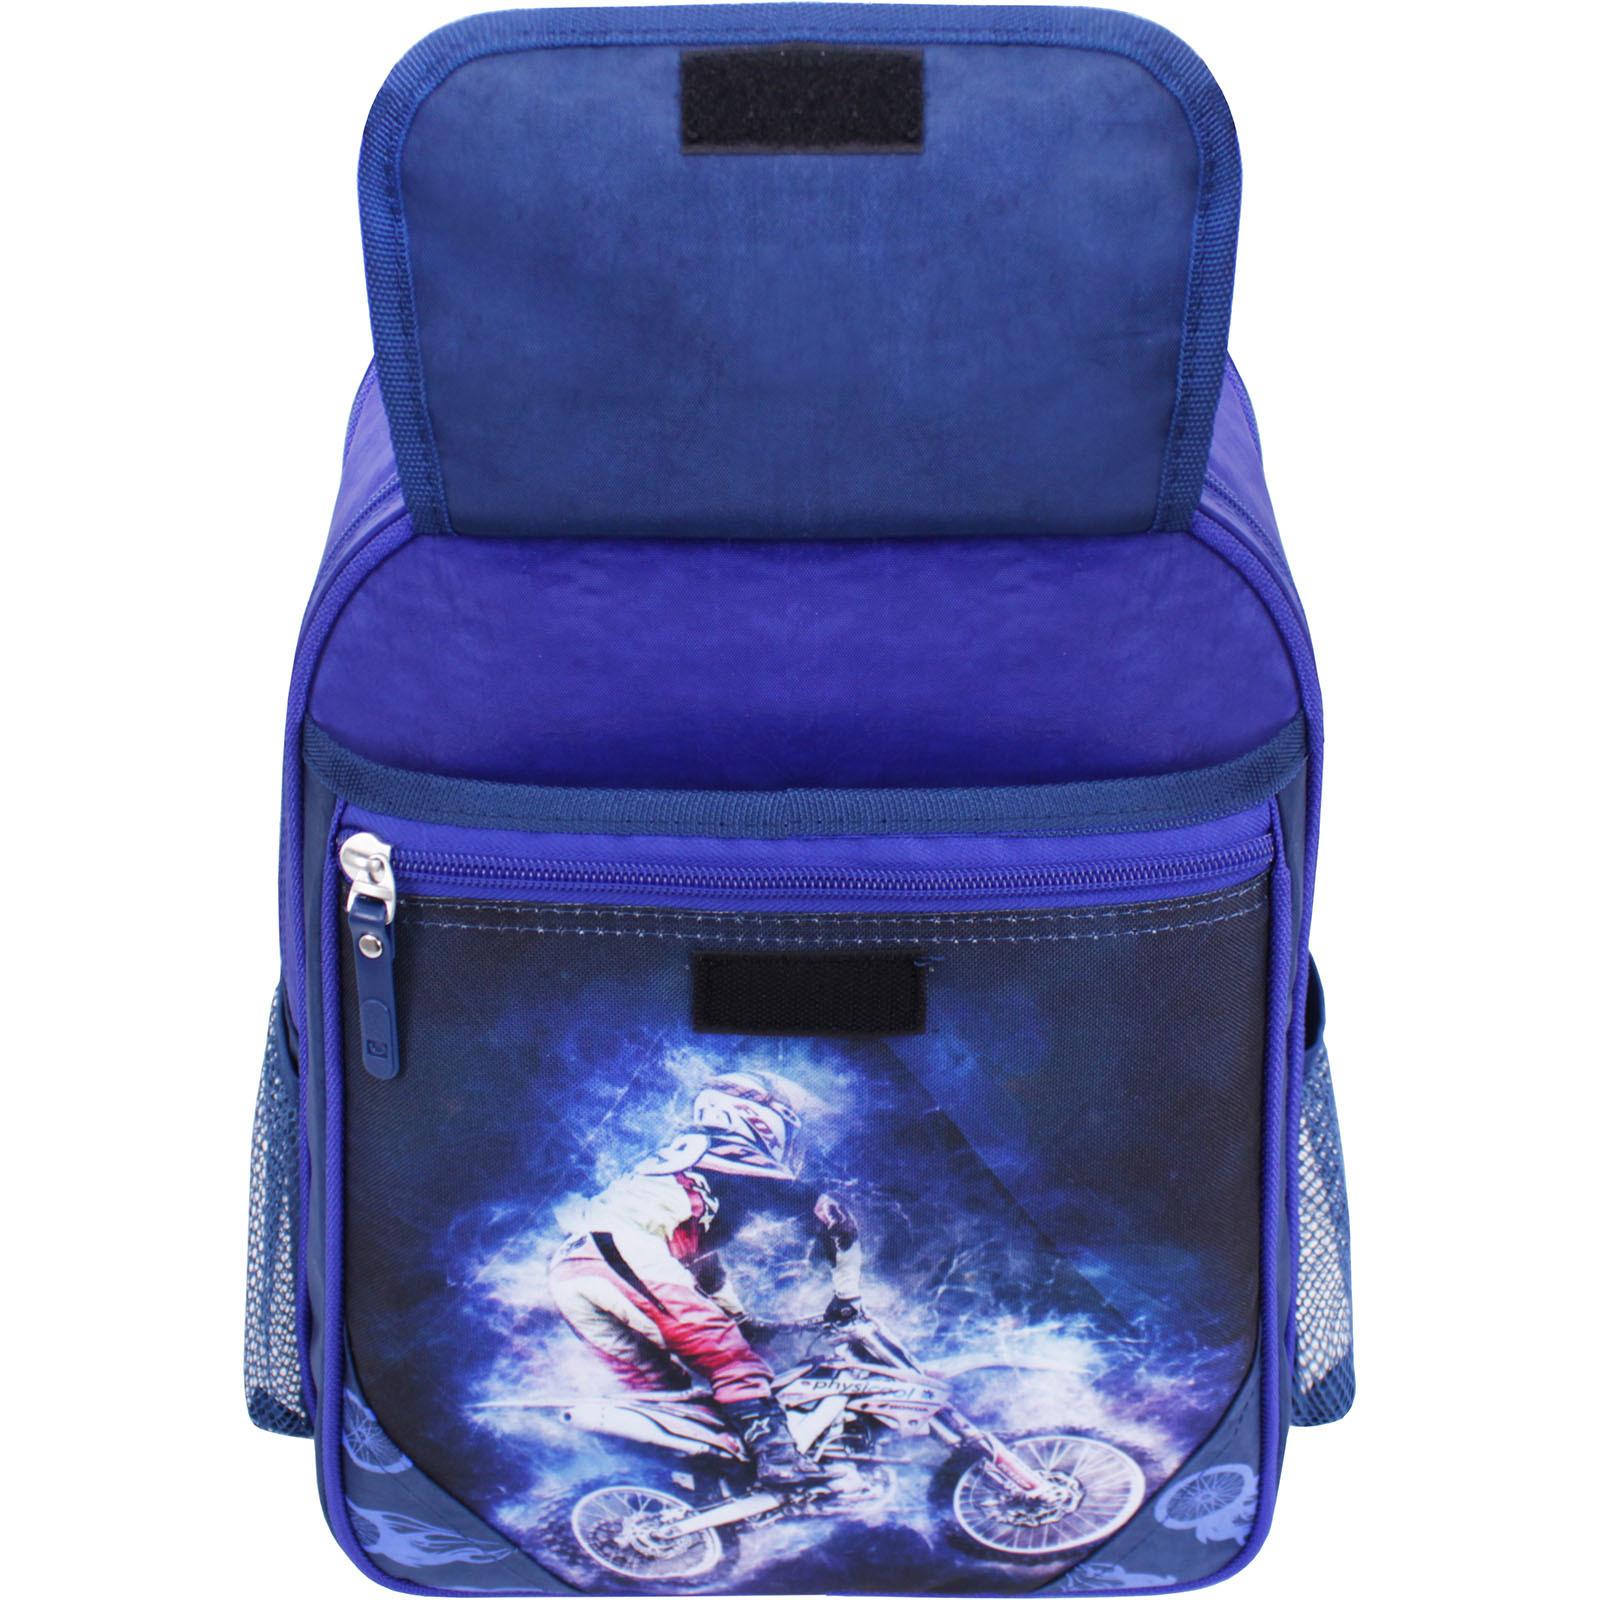 Рюкзак школьный Bagland Отличник 20 л. 225 синий 507 (0058070) фото 4